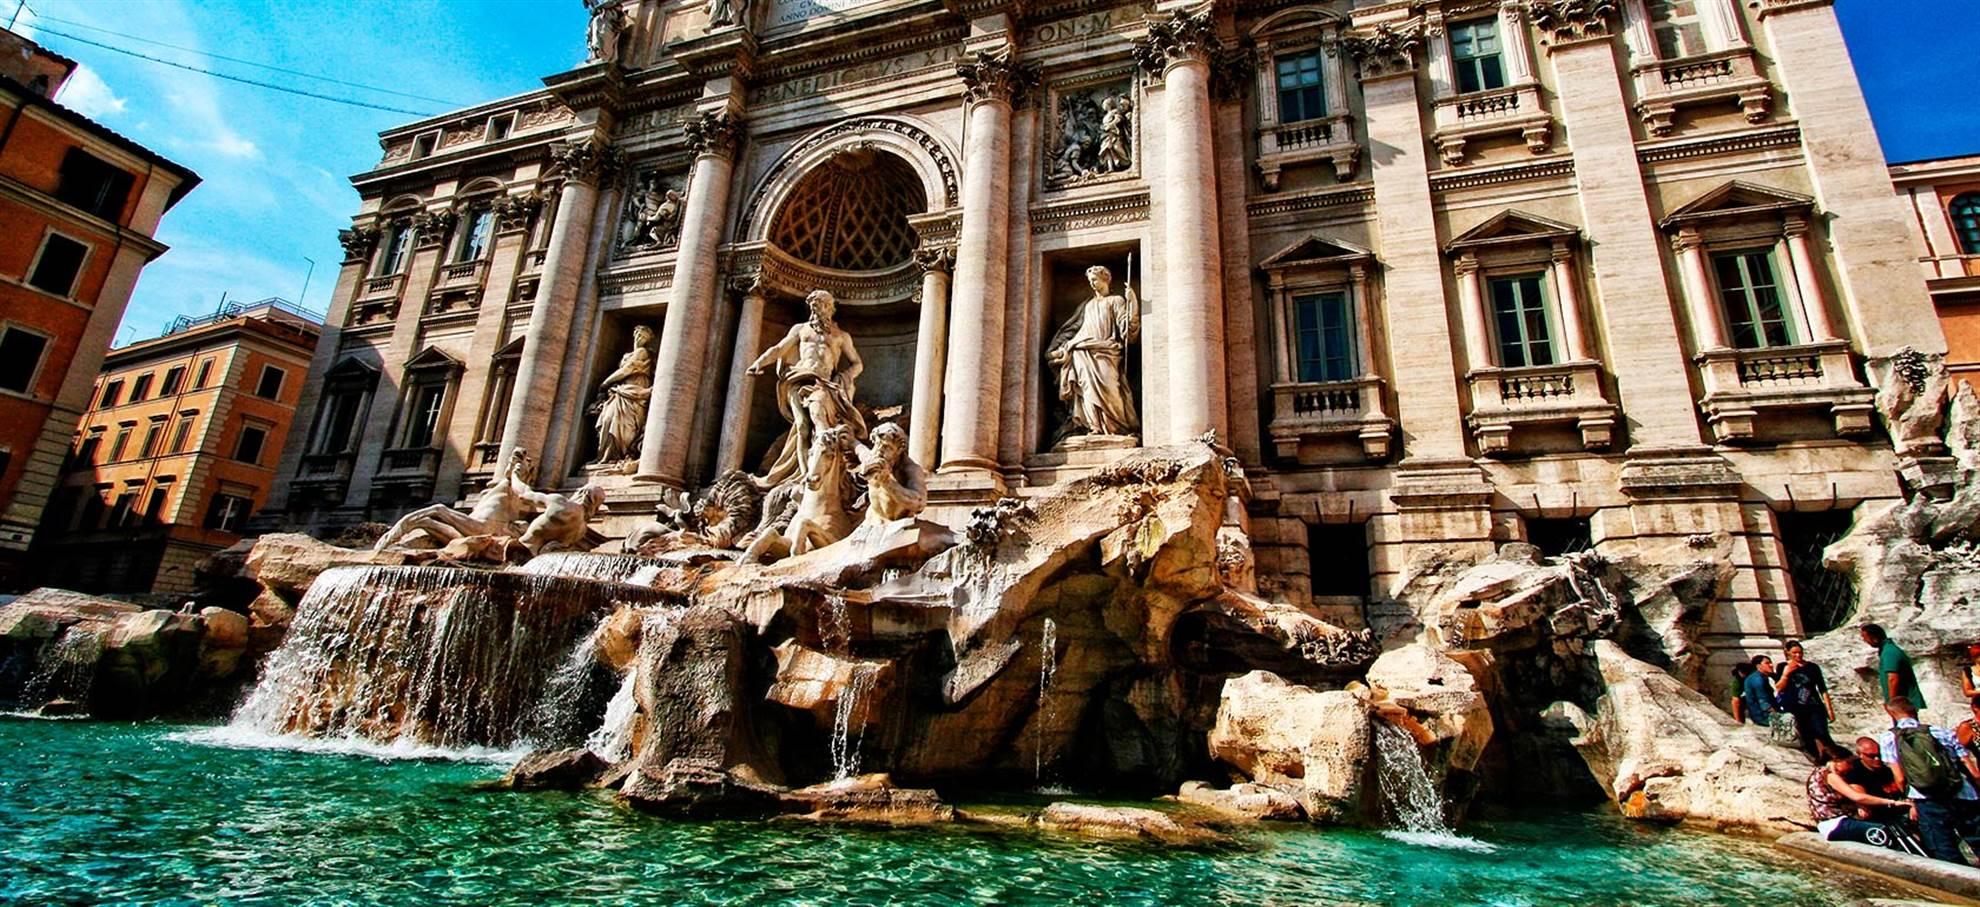 Panteão, Fonte Trevi e Roma Barroca